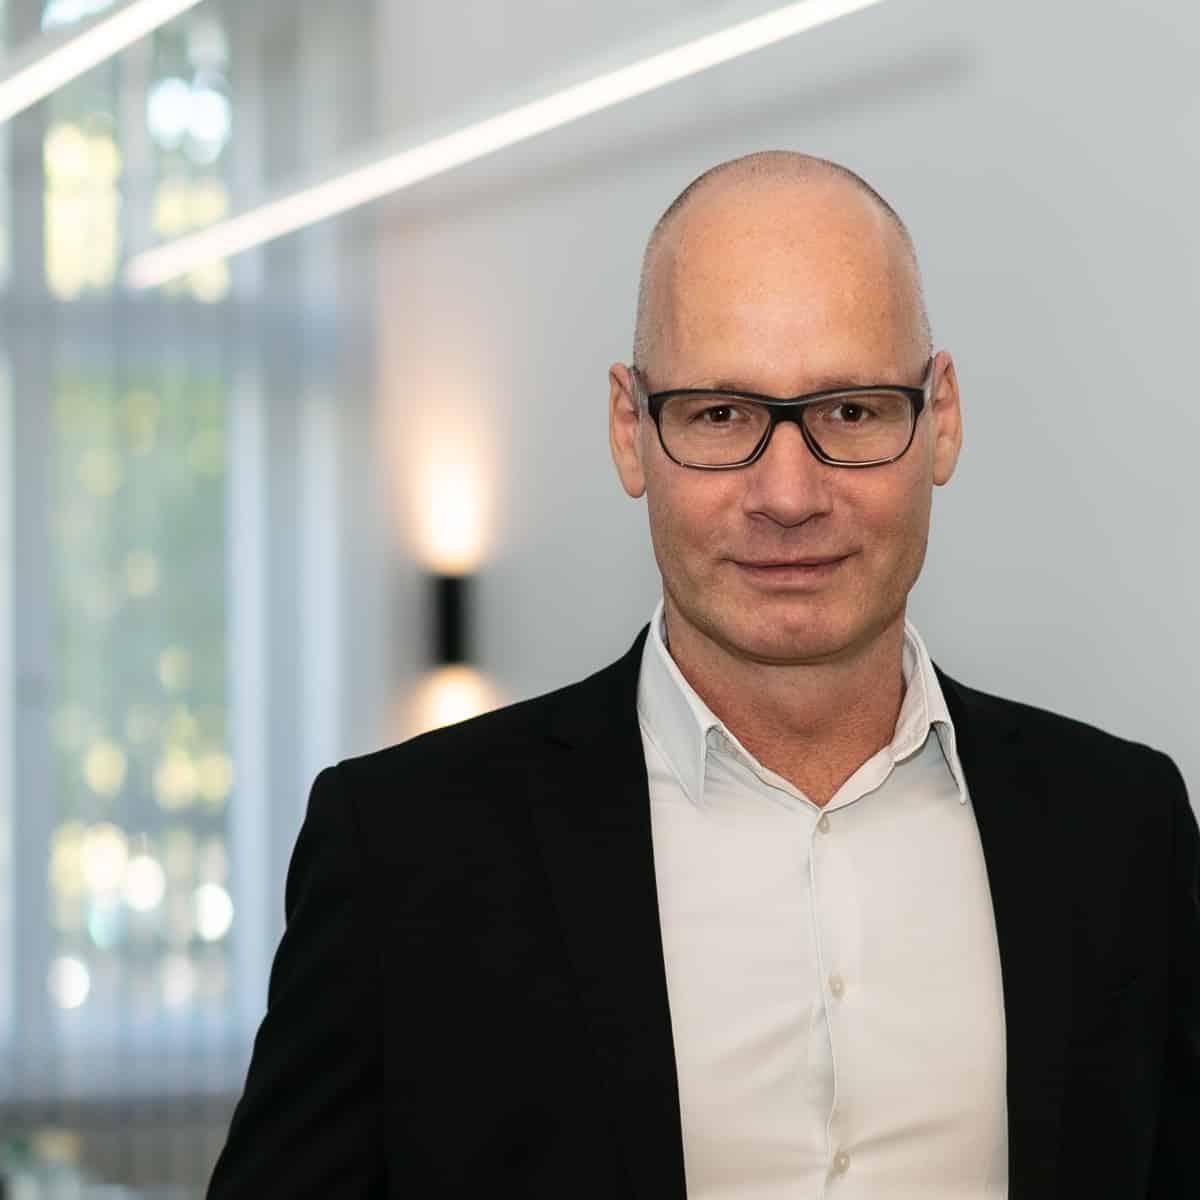 2020-09-30_Mitarbeiter-Portrait_Matthias-Haack_044